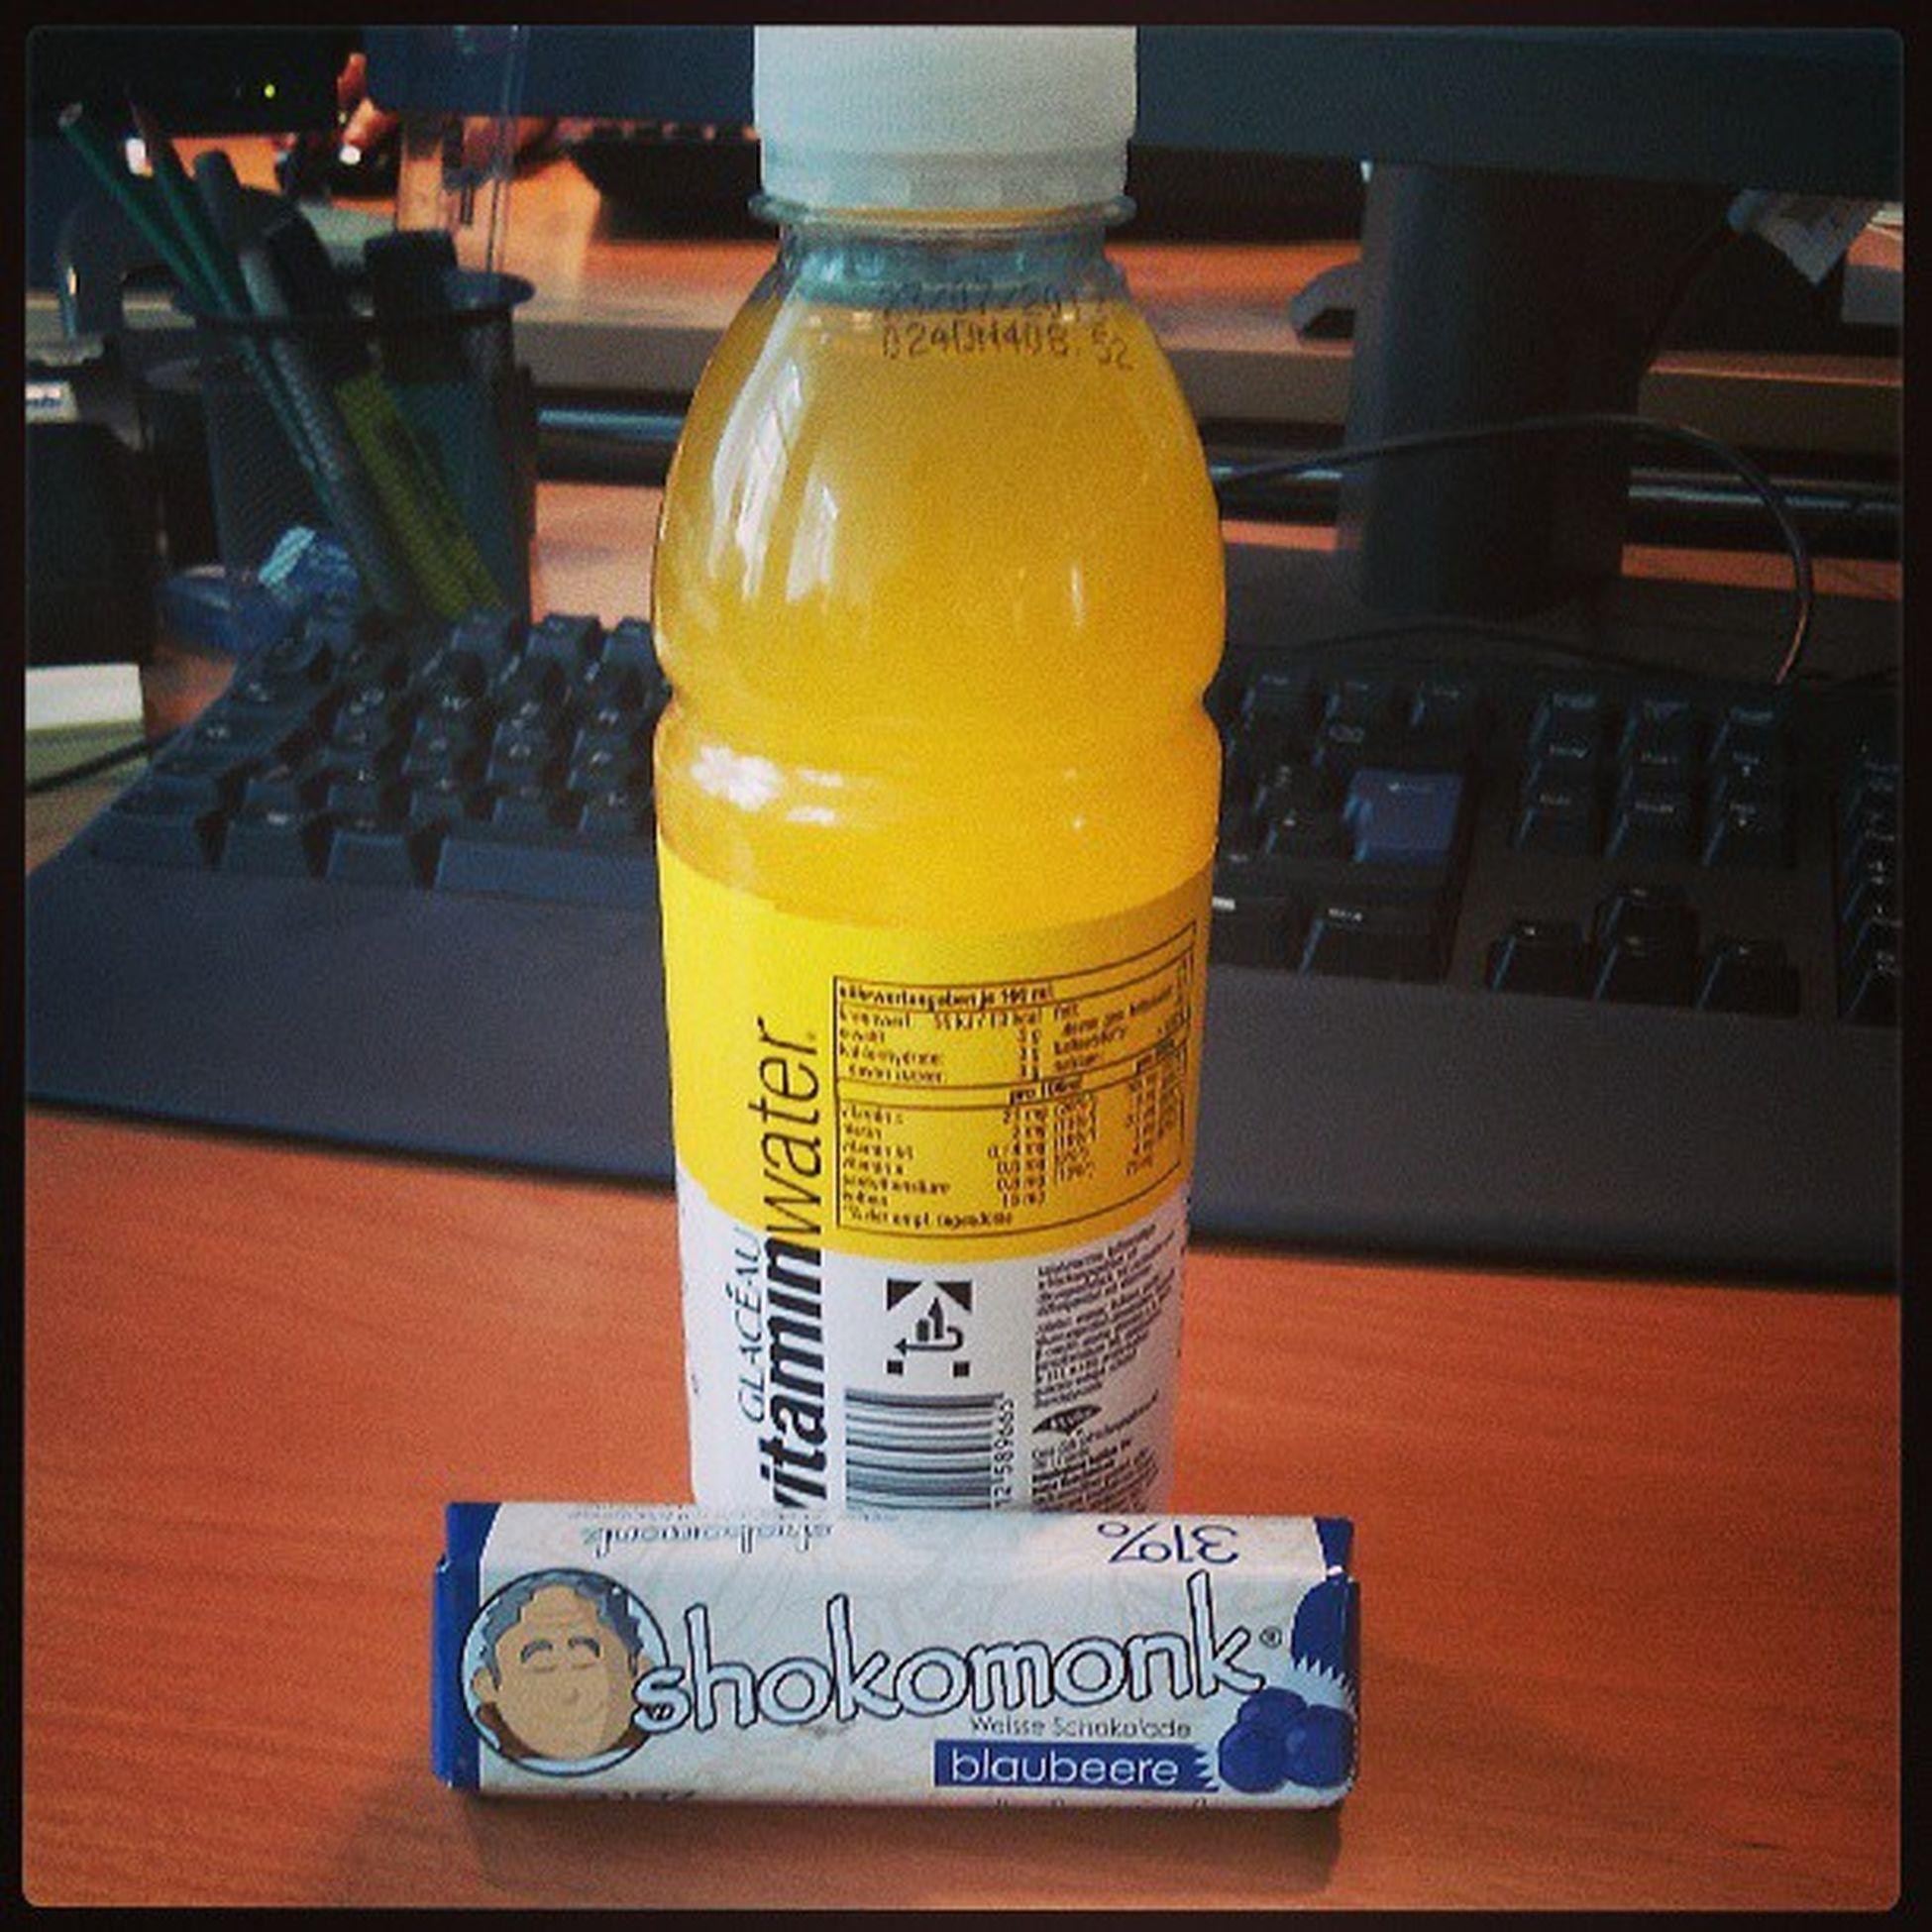 Shokomonk Whitechocolade Blueberry Vitaminewater ignite staysharp tropicalcitrus gönne ich mir ;-)